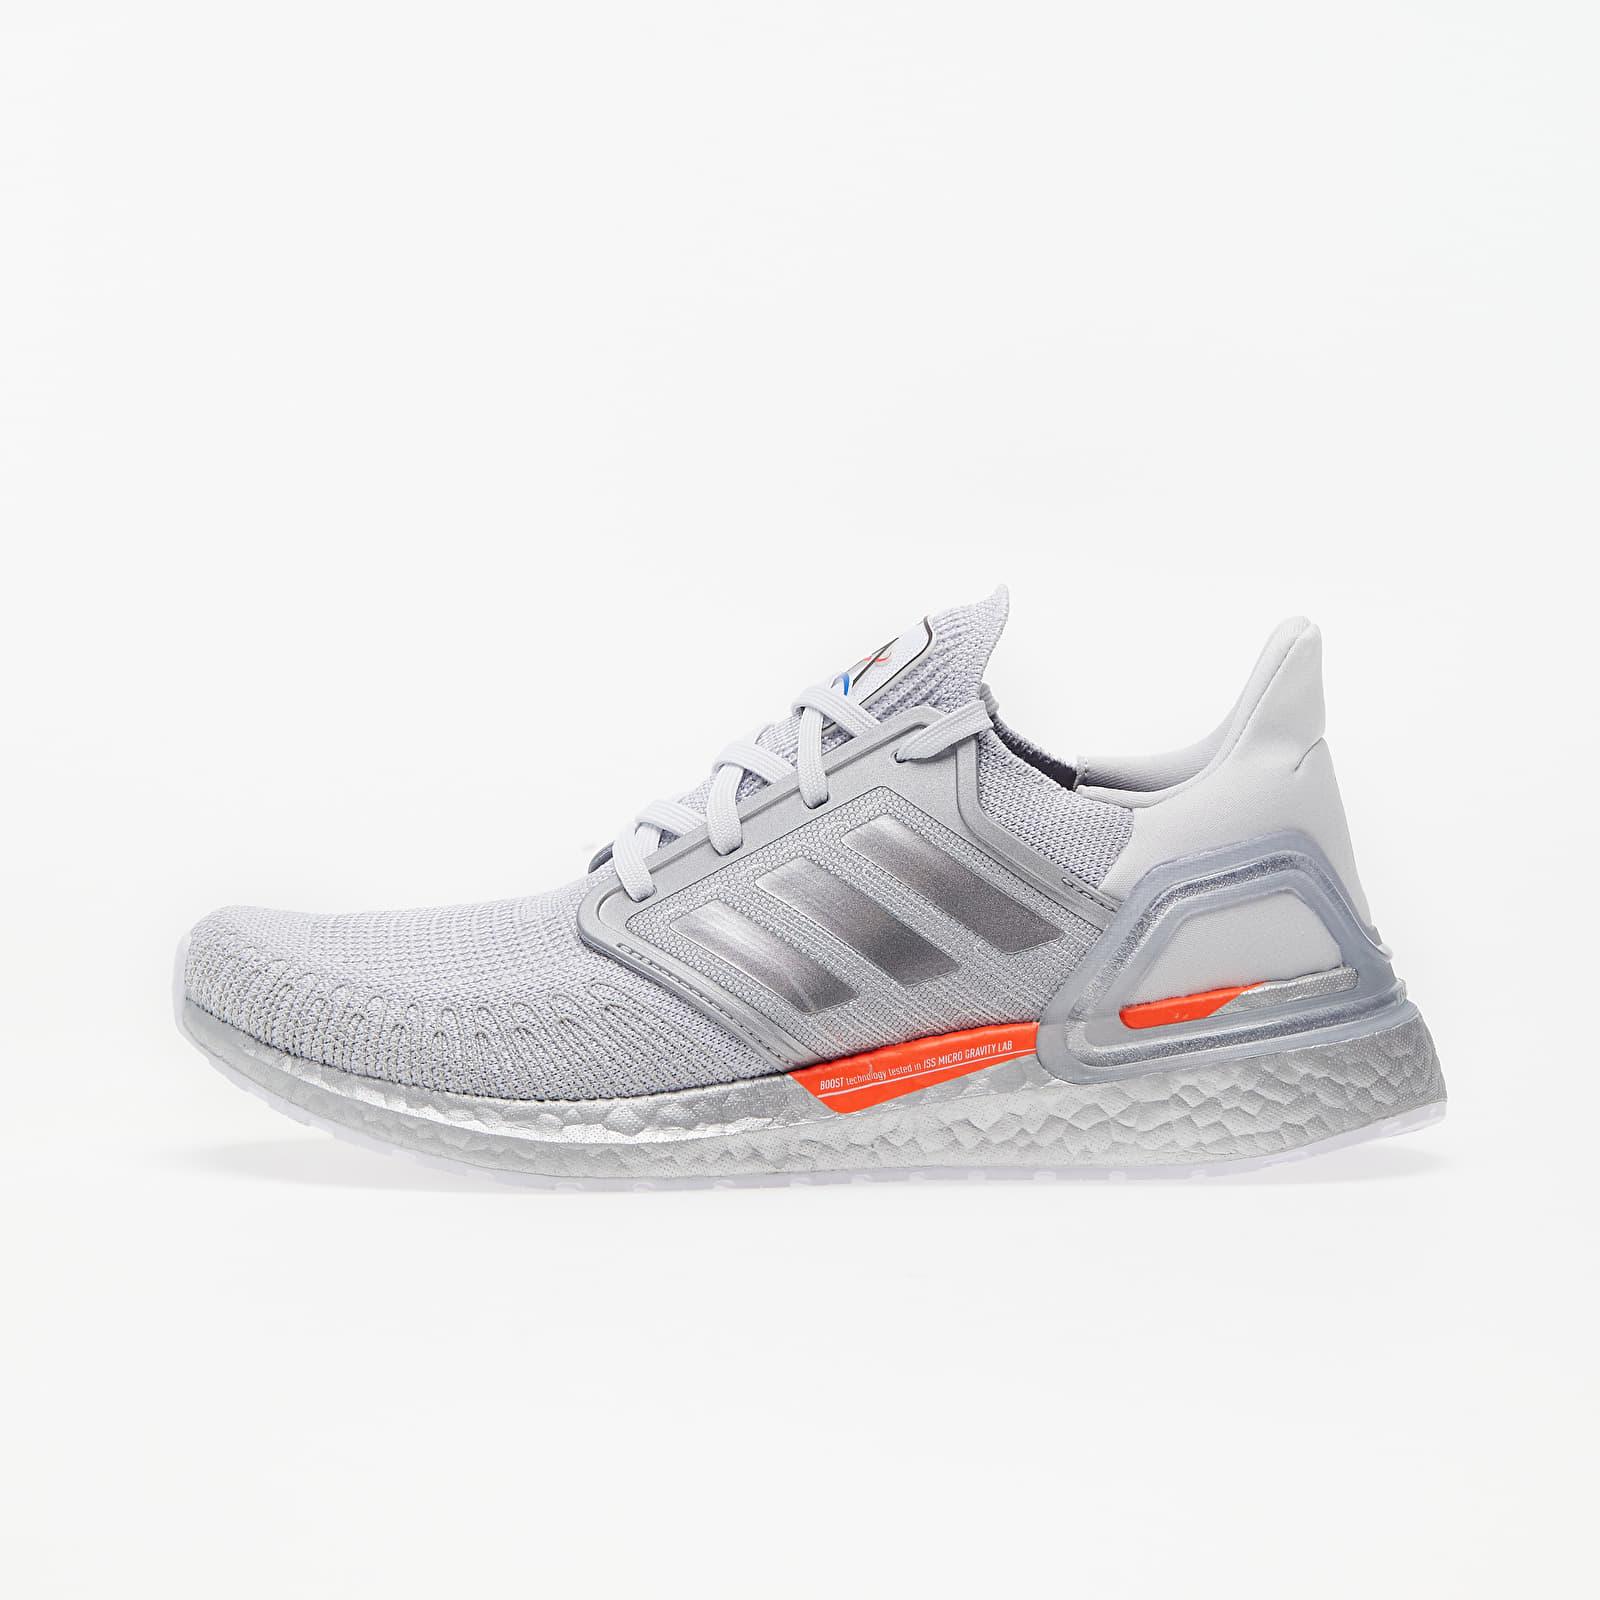 adidas UltraBOOST 20 DNA Dash Grey/ Silver Met./ Halo Silver EUR 43 1/3